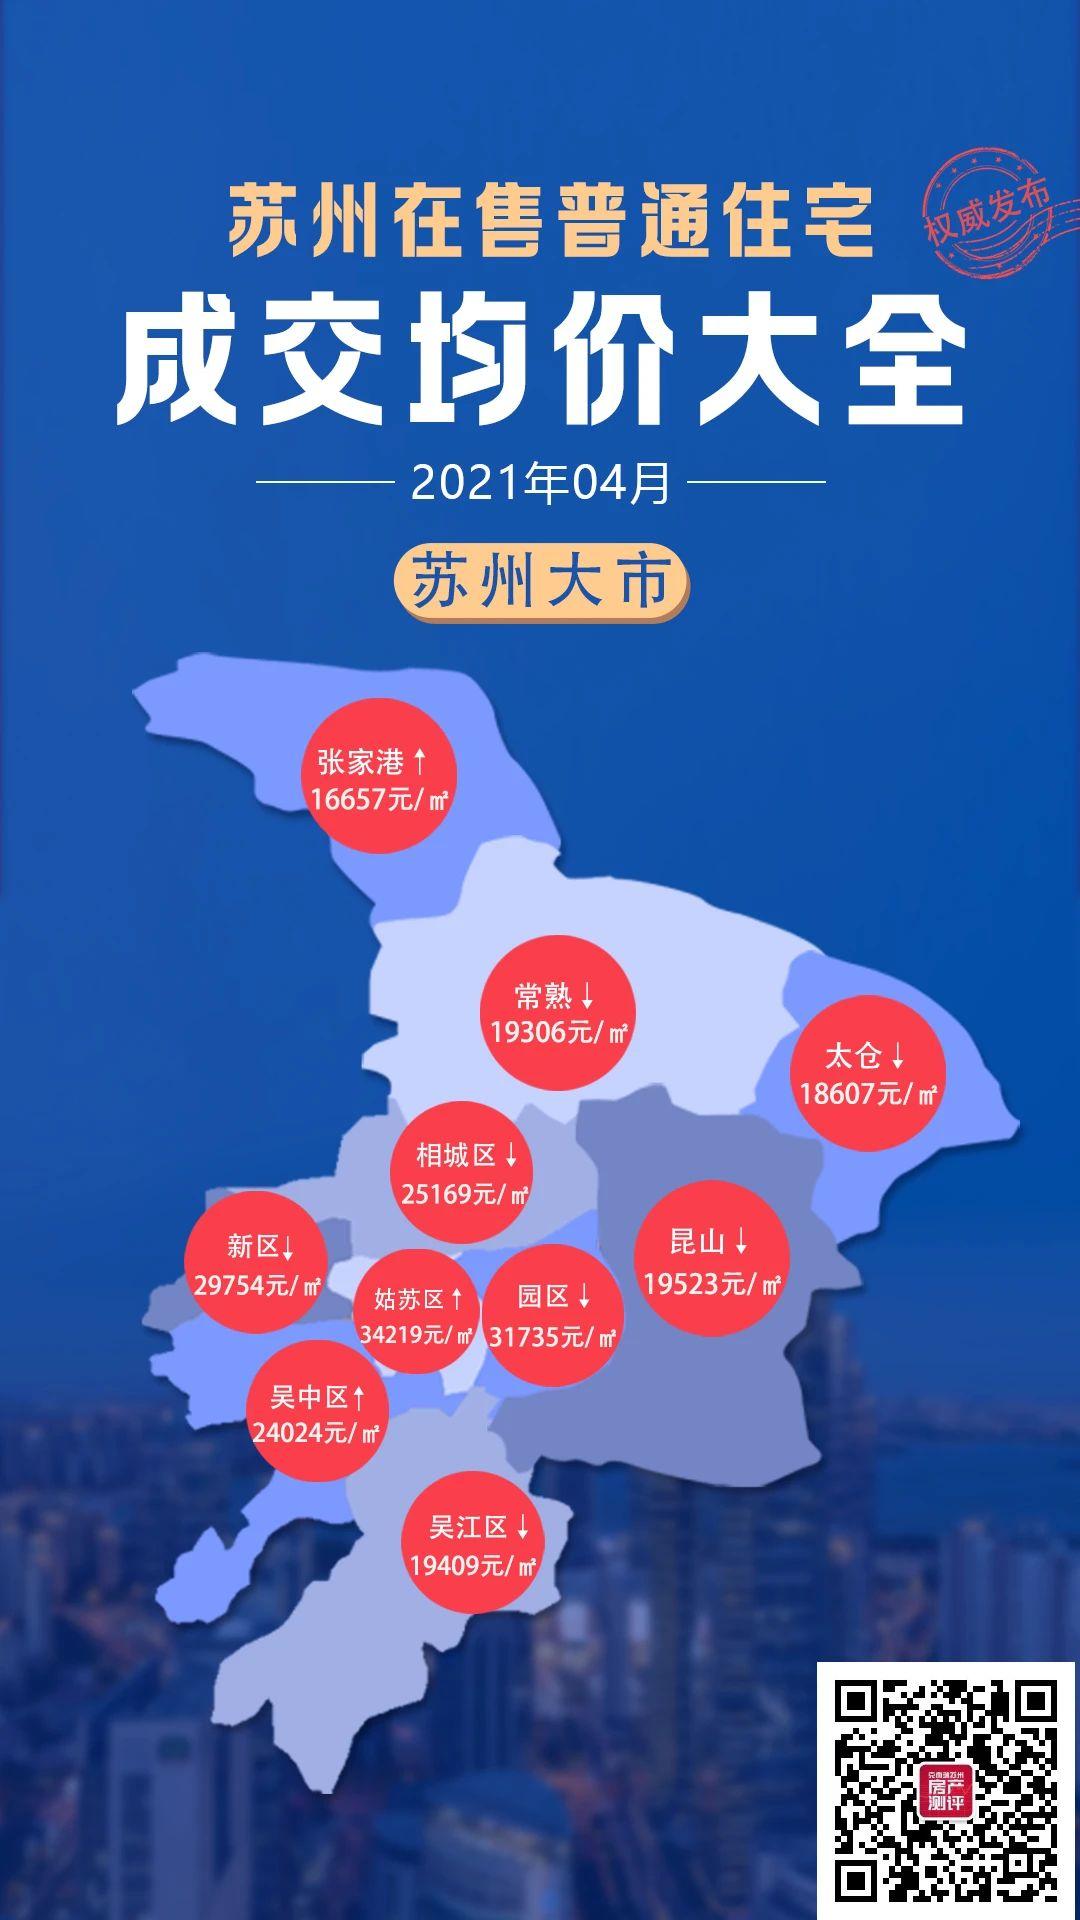 苏州四县市热销板块房价地图出炉!这些板块均价又涨了!